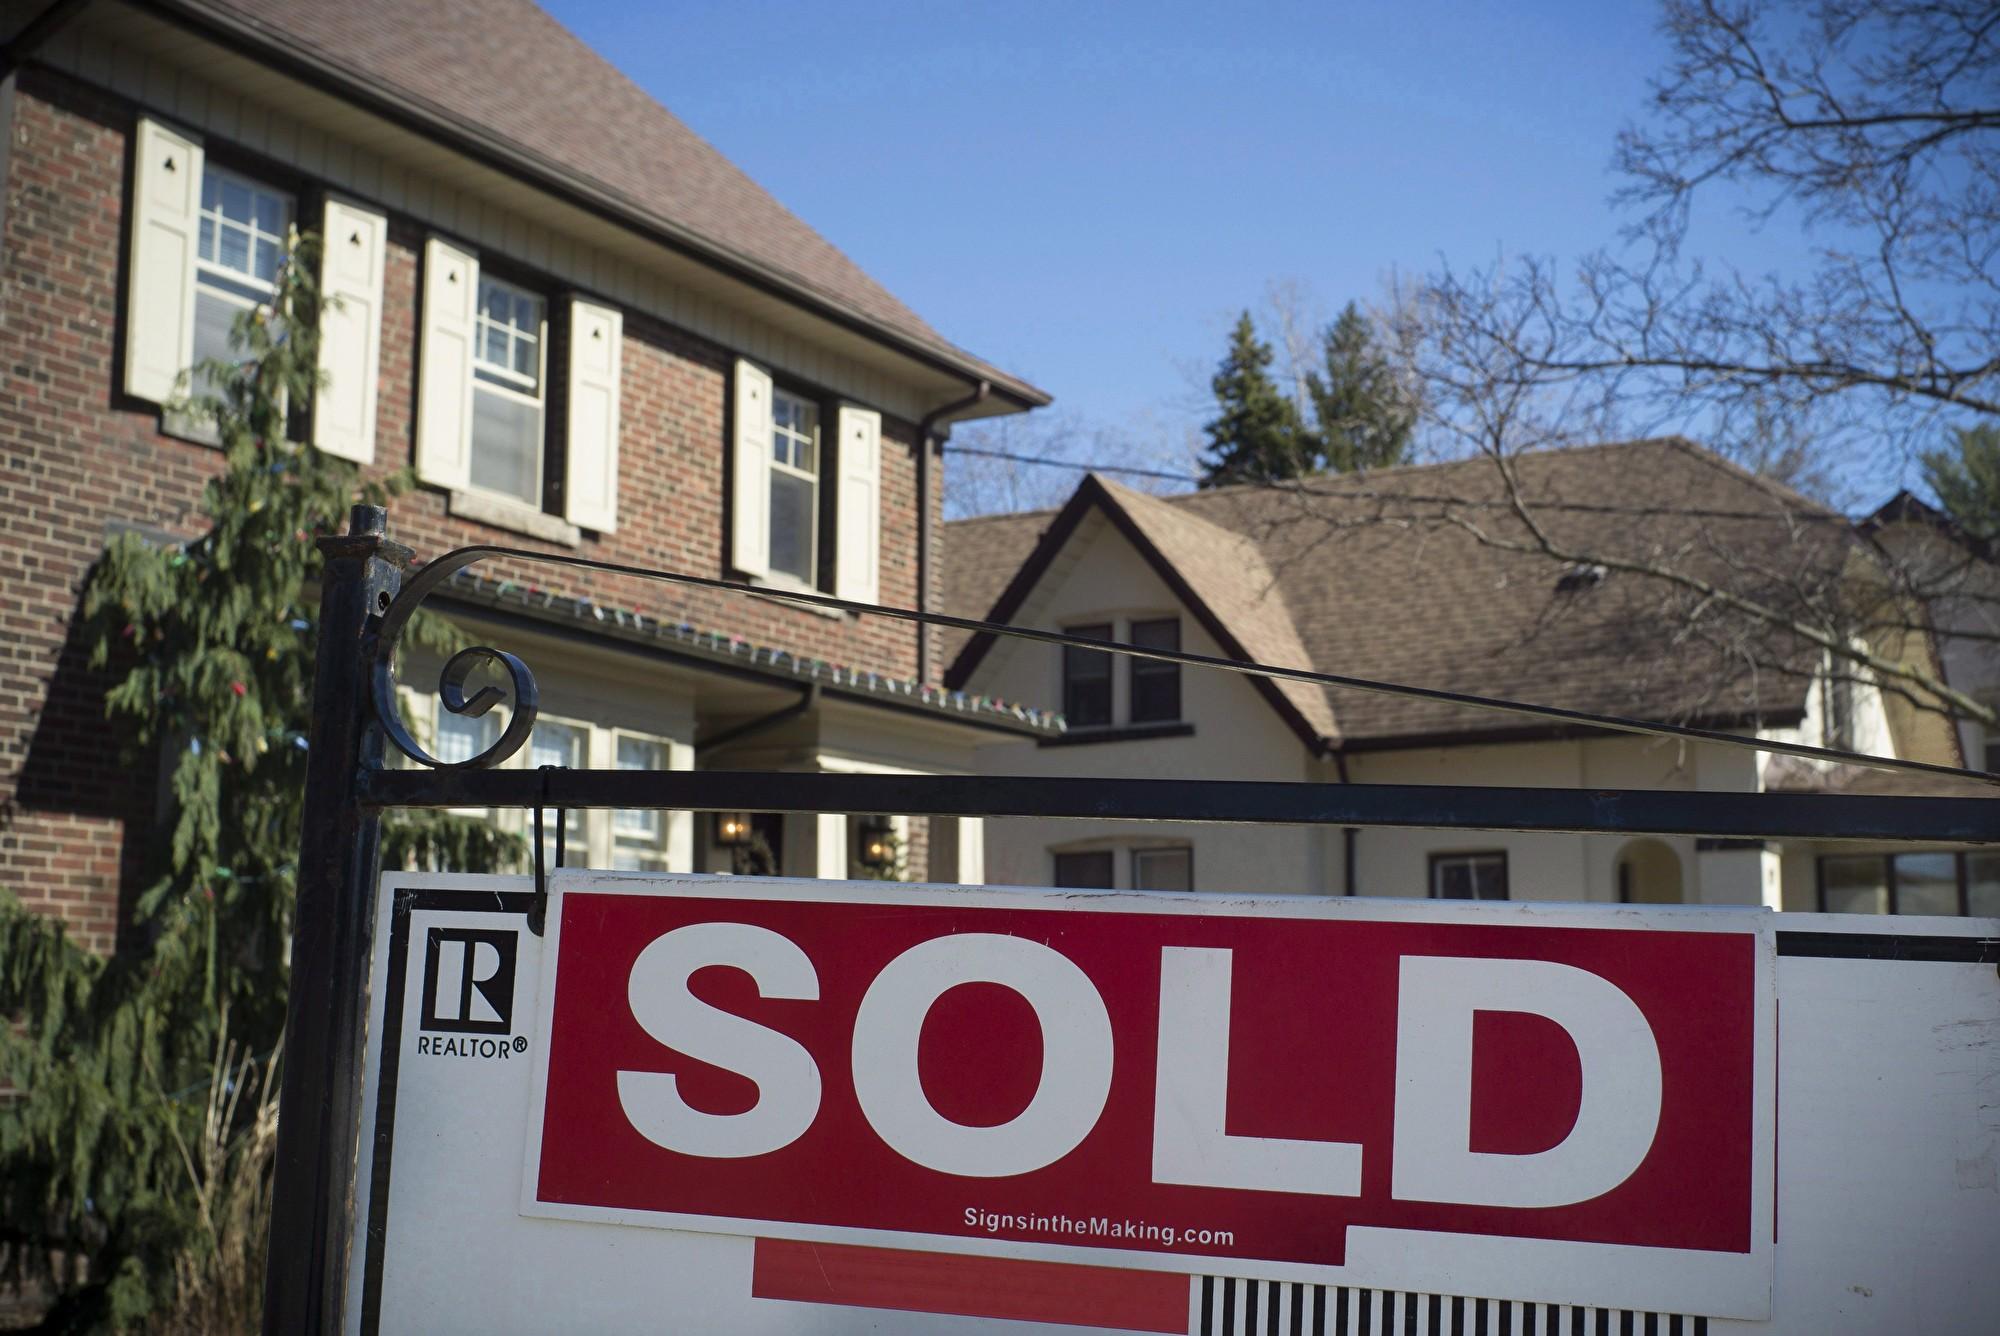 多倫多11月房價漲幅6.8% 2年來最高